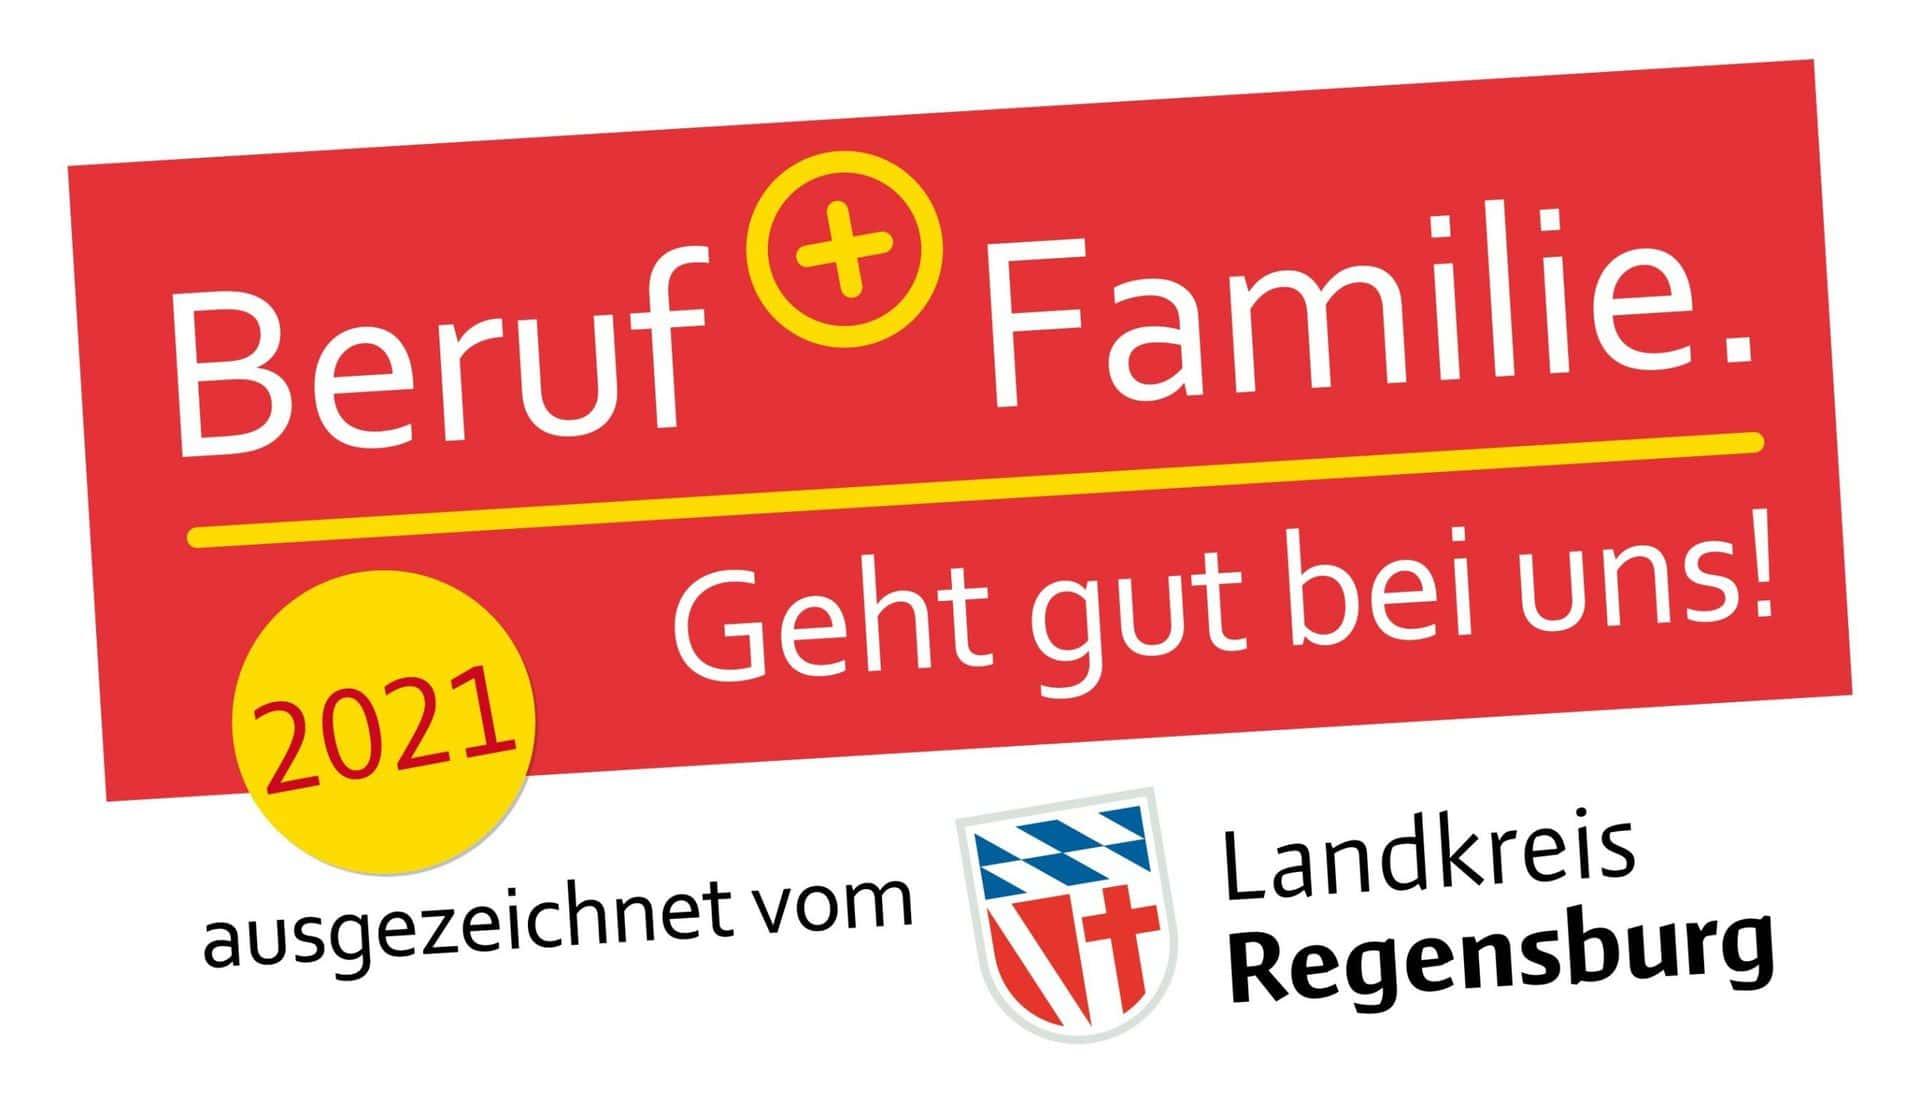 Landkreis Regensburg startet neue Bewerbungsrunde Beruf + Familie. Geht gut bei uns!